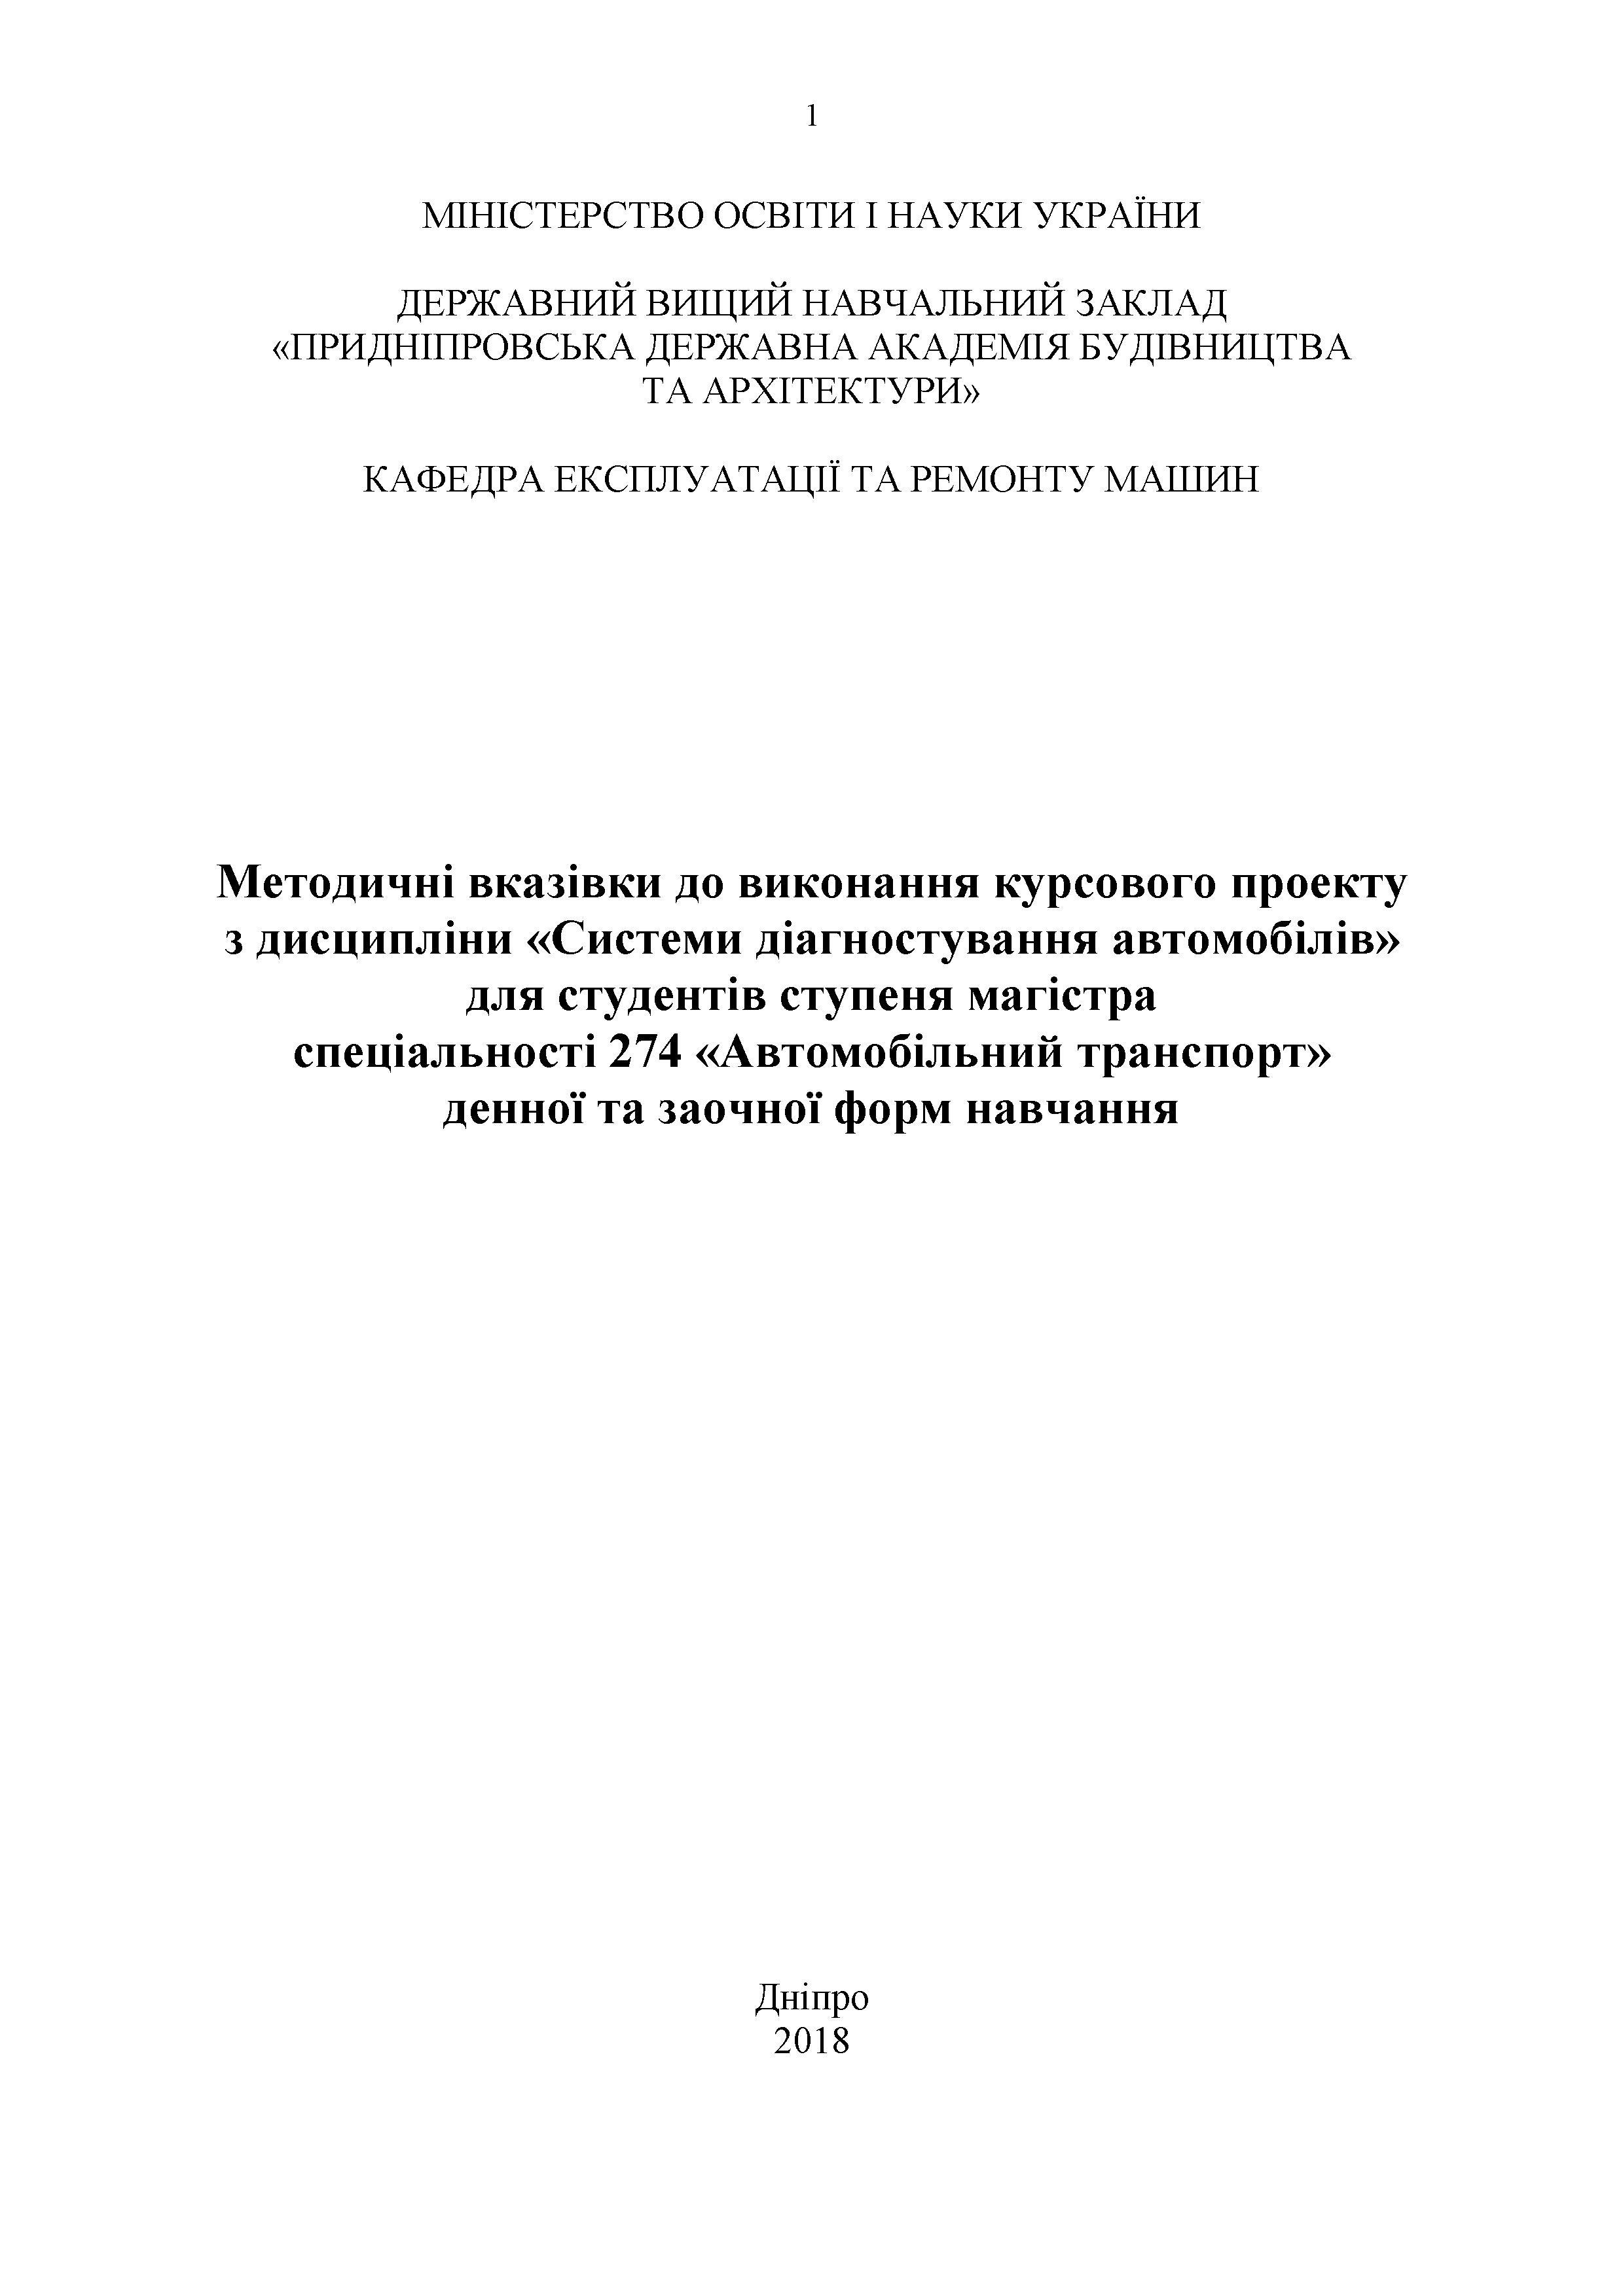 Методичні вказівки до виконання курсового проекту з дисципліни «Системи діагностування автомобілів», 2018